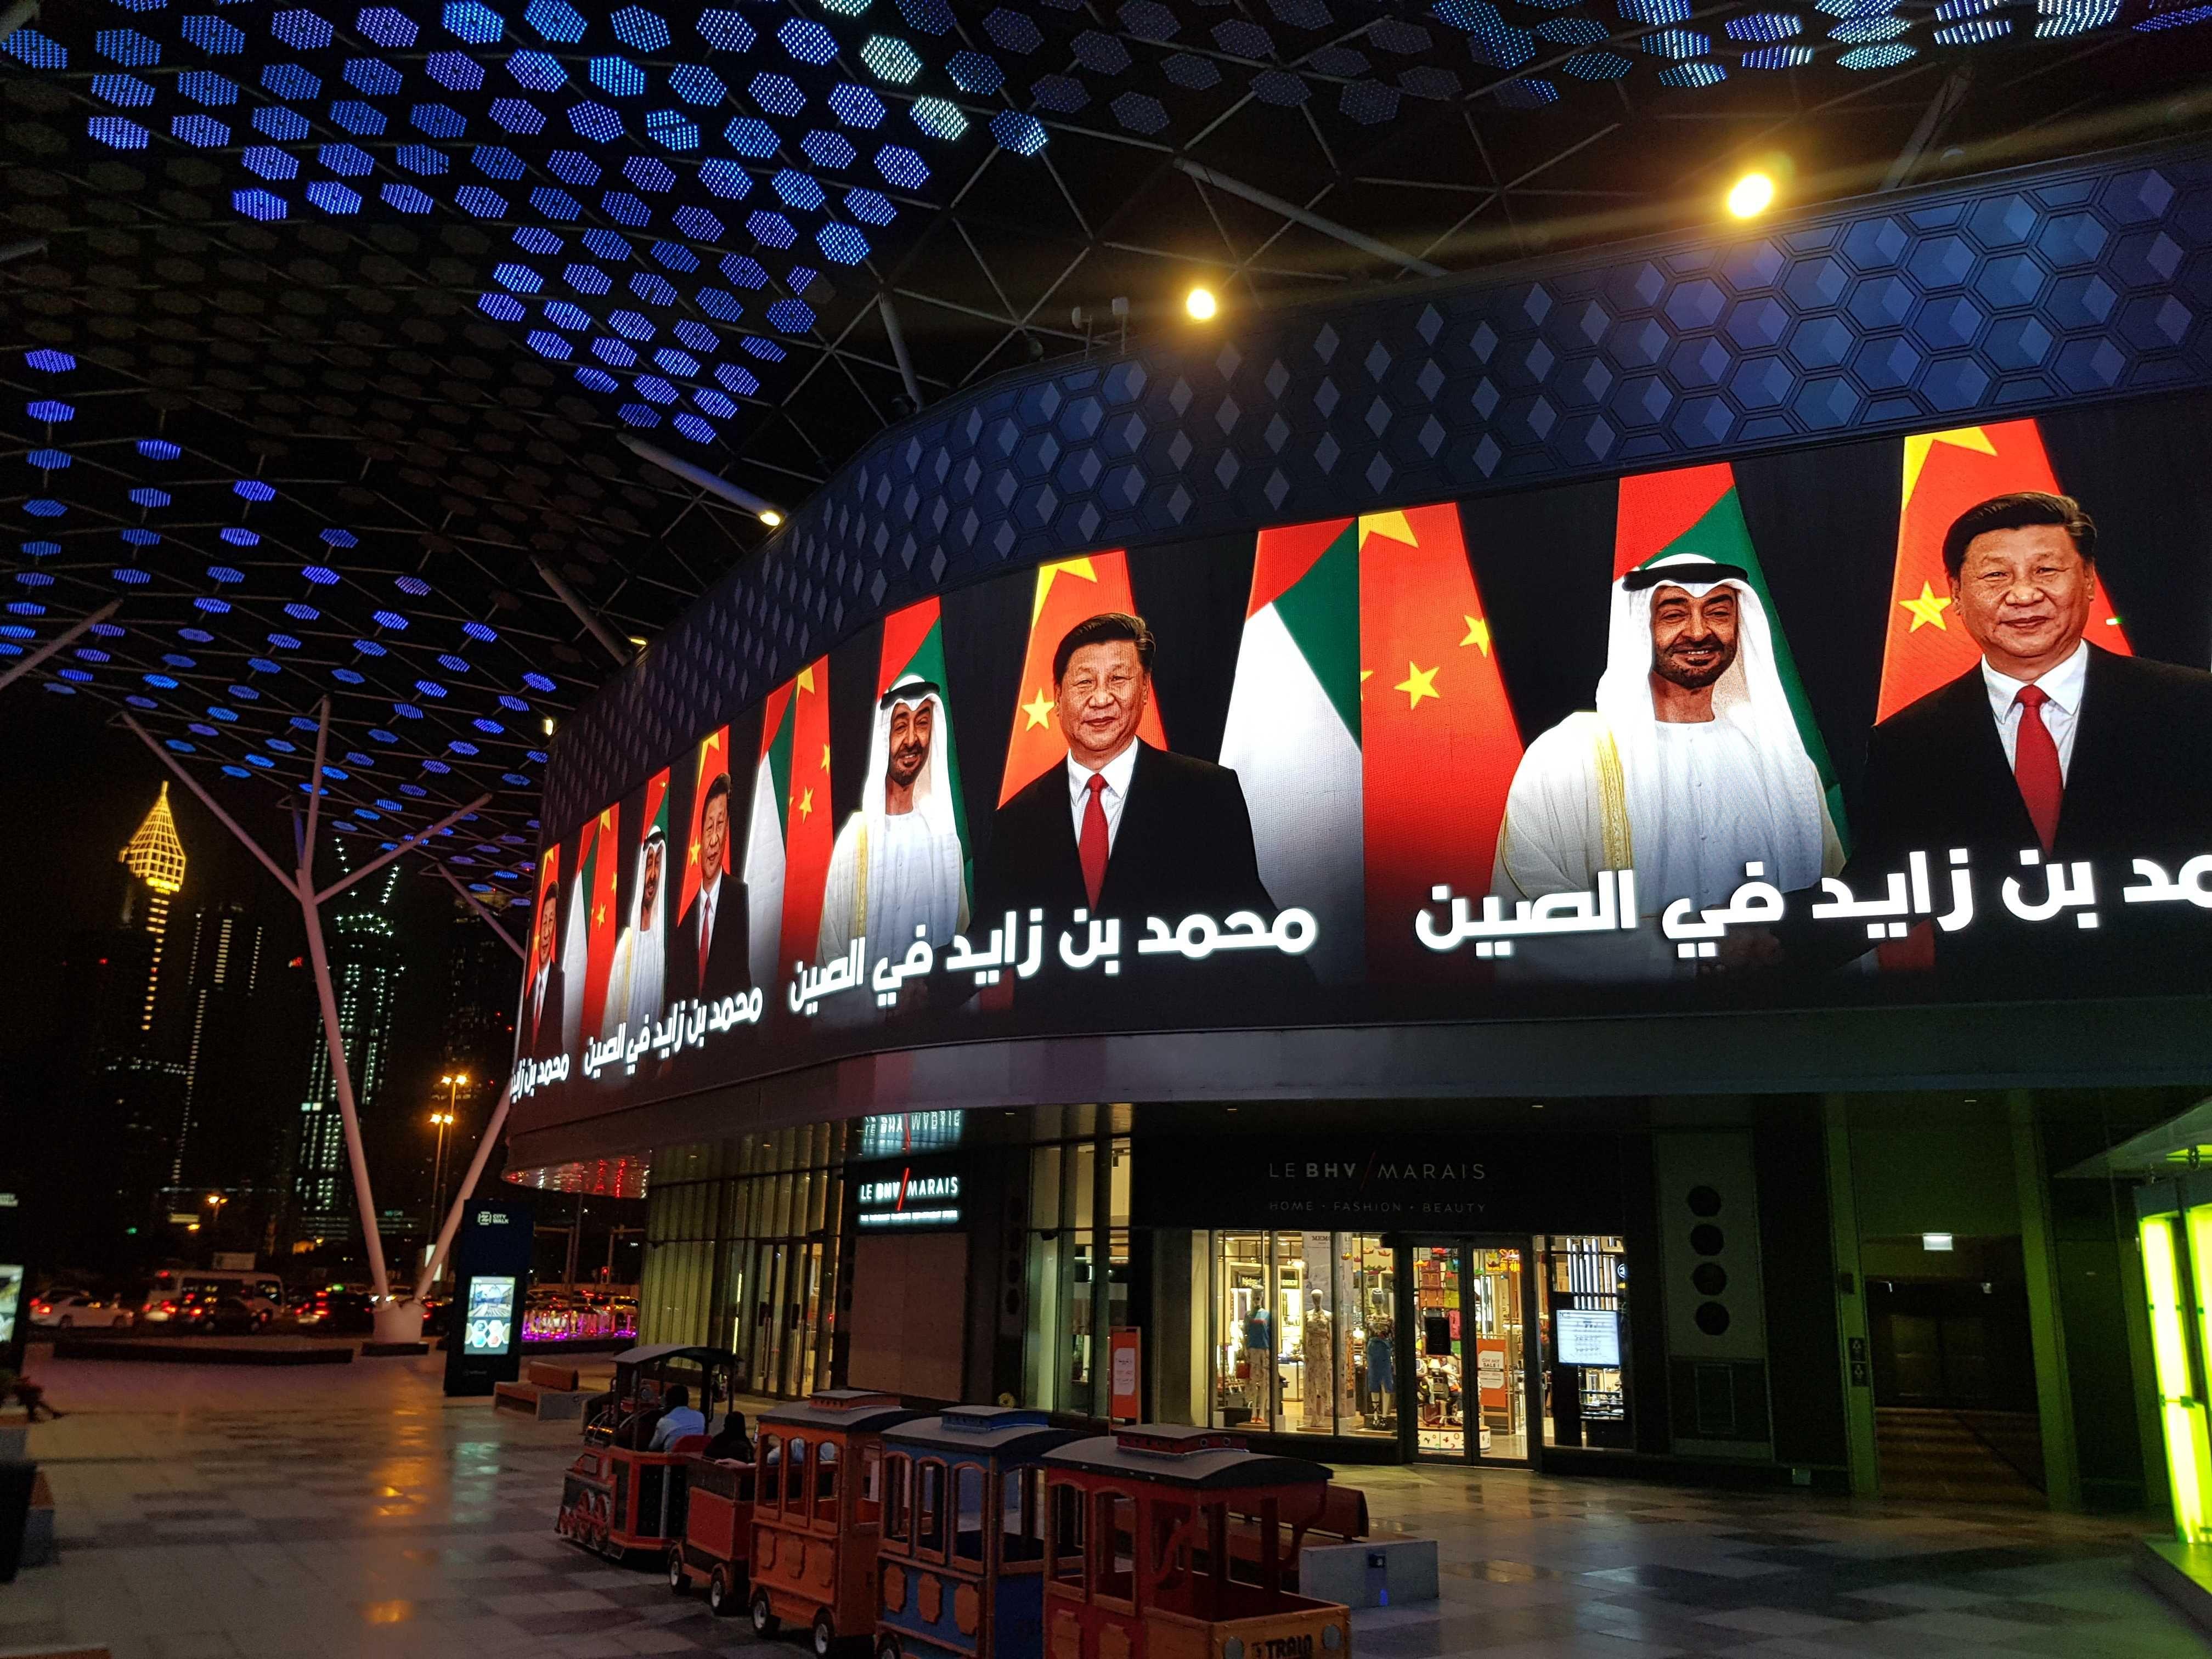 ما أثر الصفقات الإماراتية الصينية الأخيرة على قطاع الشركات الناشئة في الشرق الأوسط؟